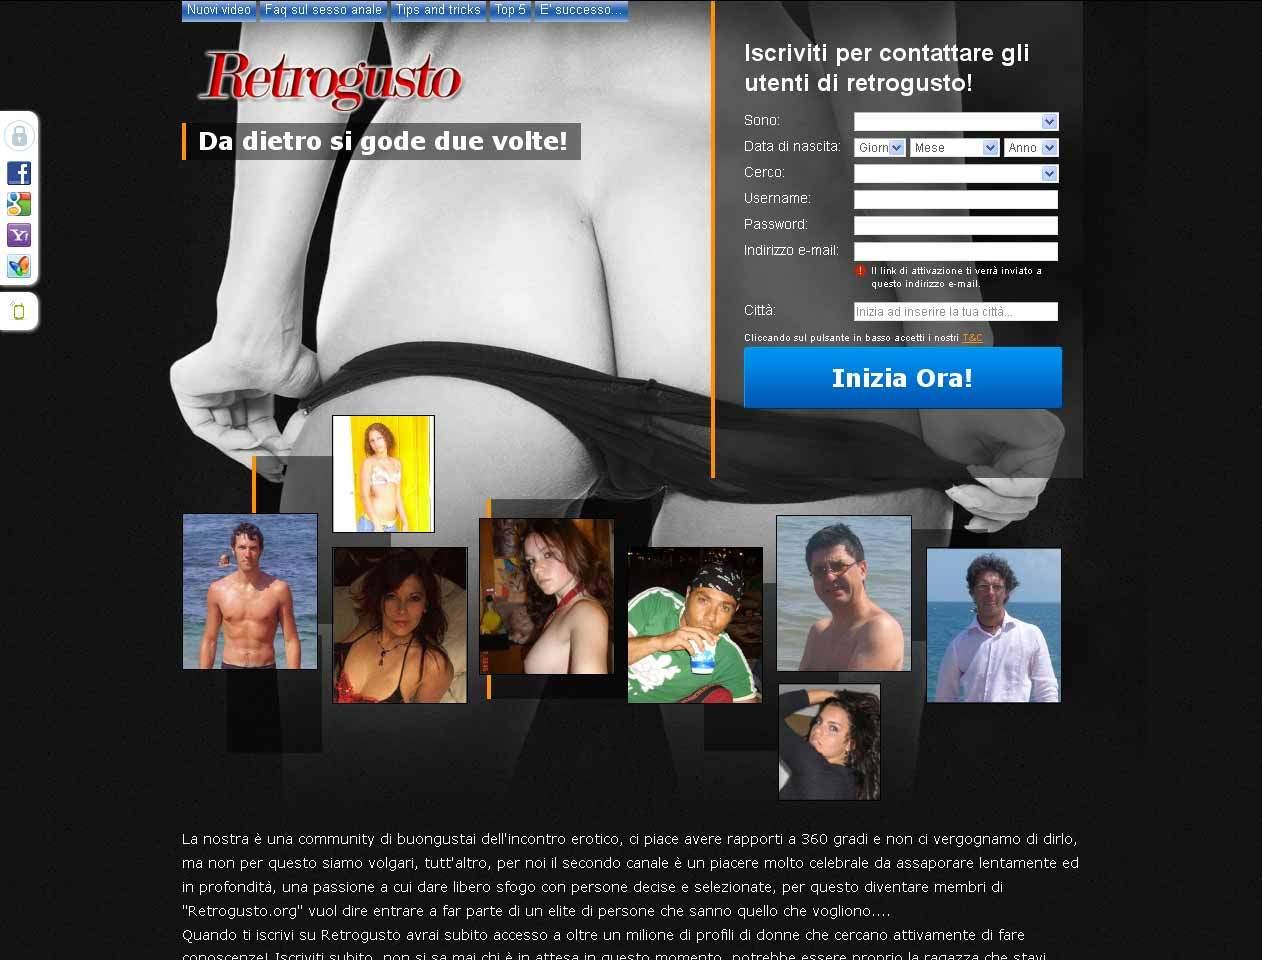 sito incontri online risk Torino